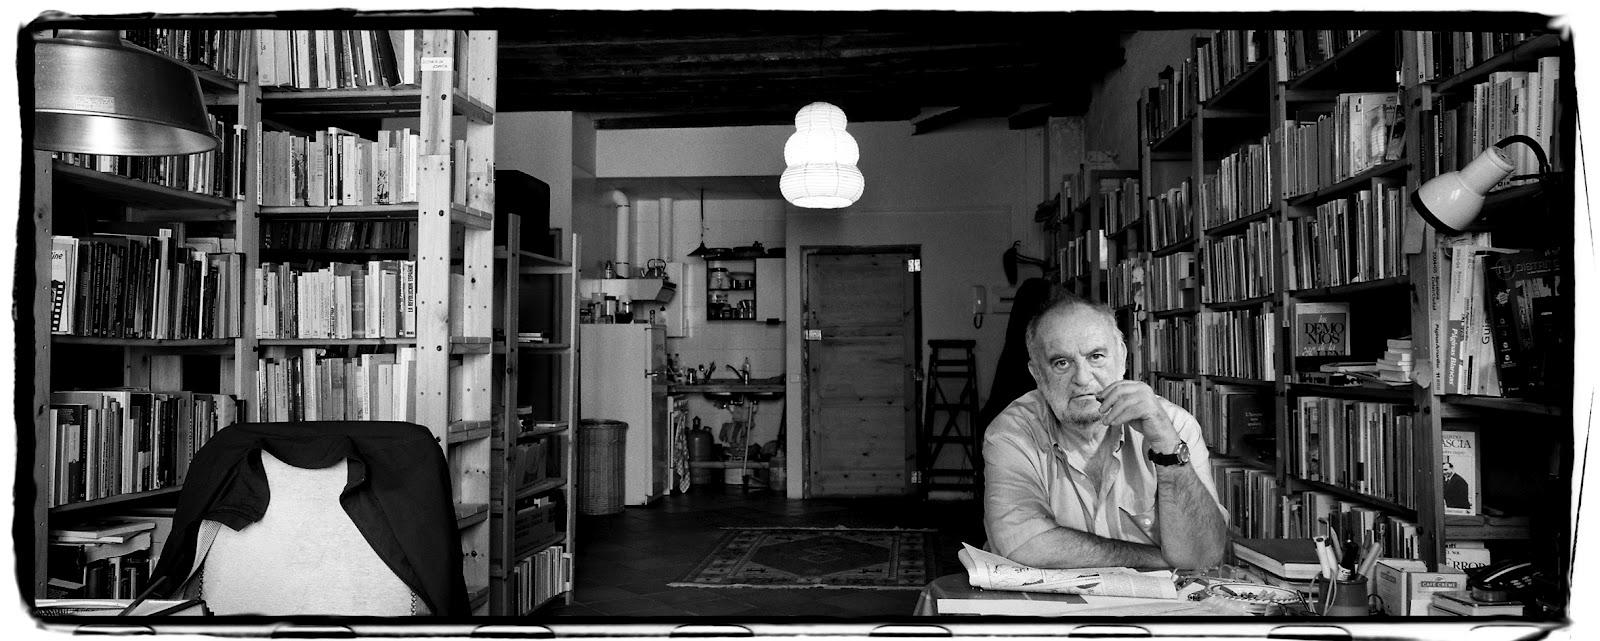 Visions documentals de maig: Joaquim Jordá i…